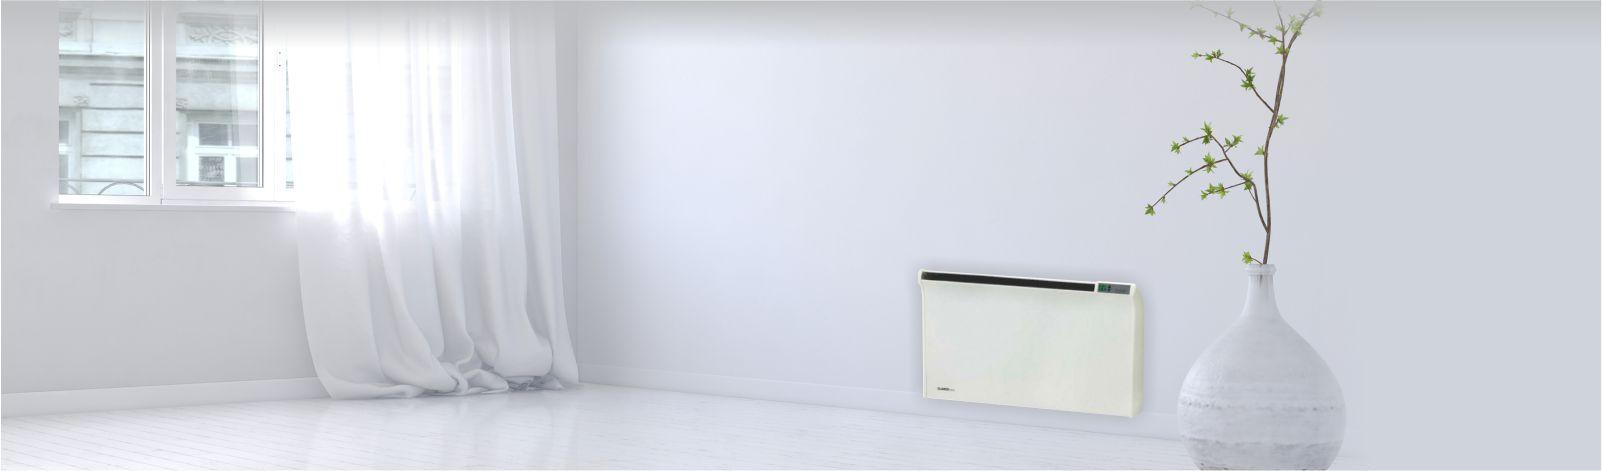 Varčni električni radiator Glamox 3001